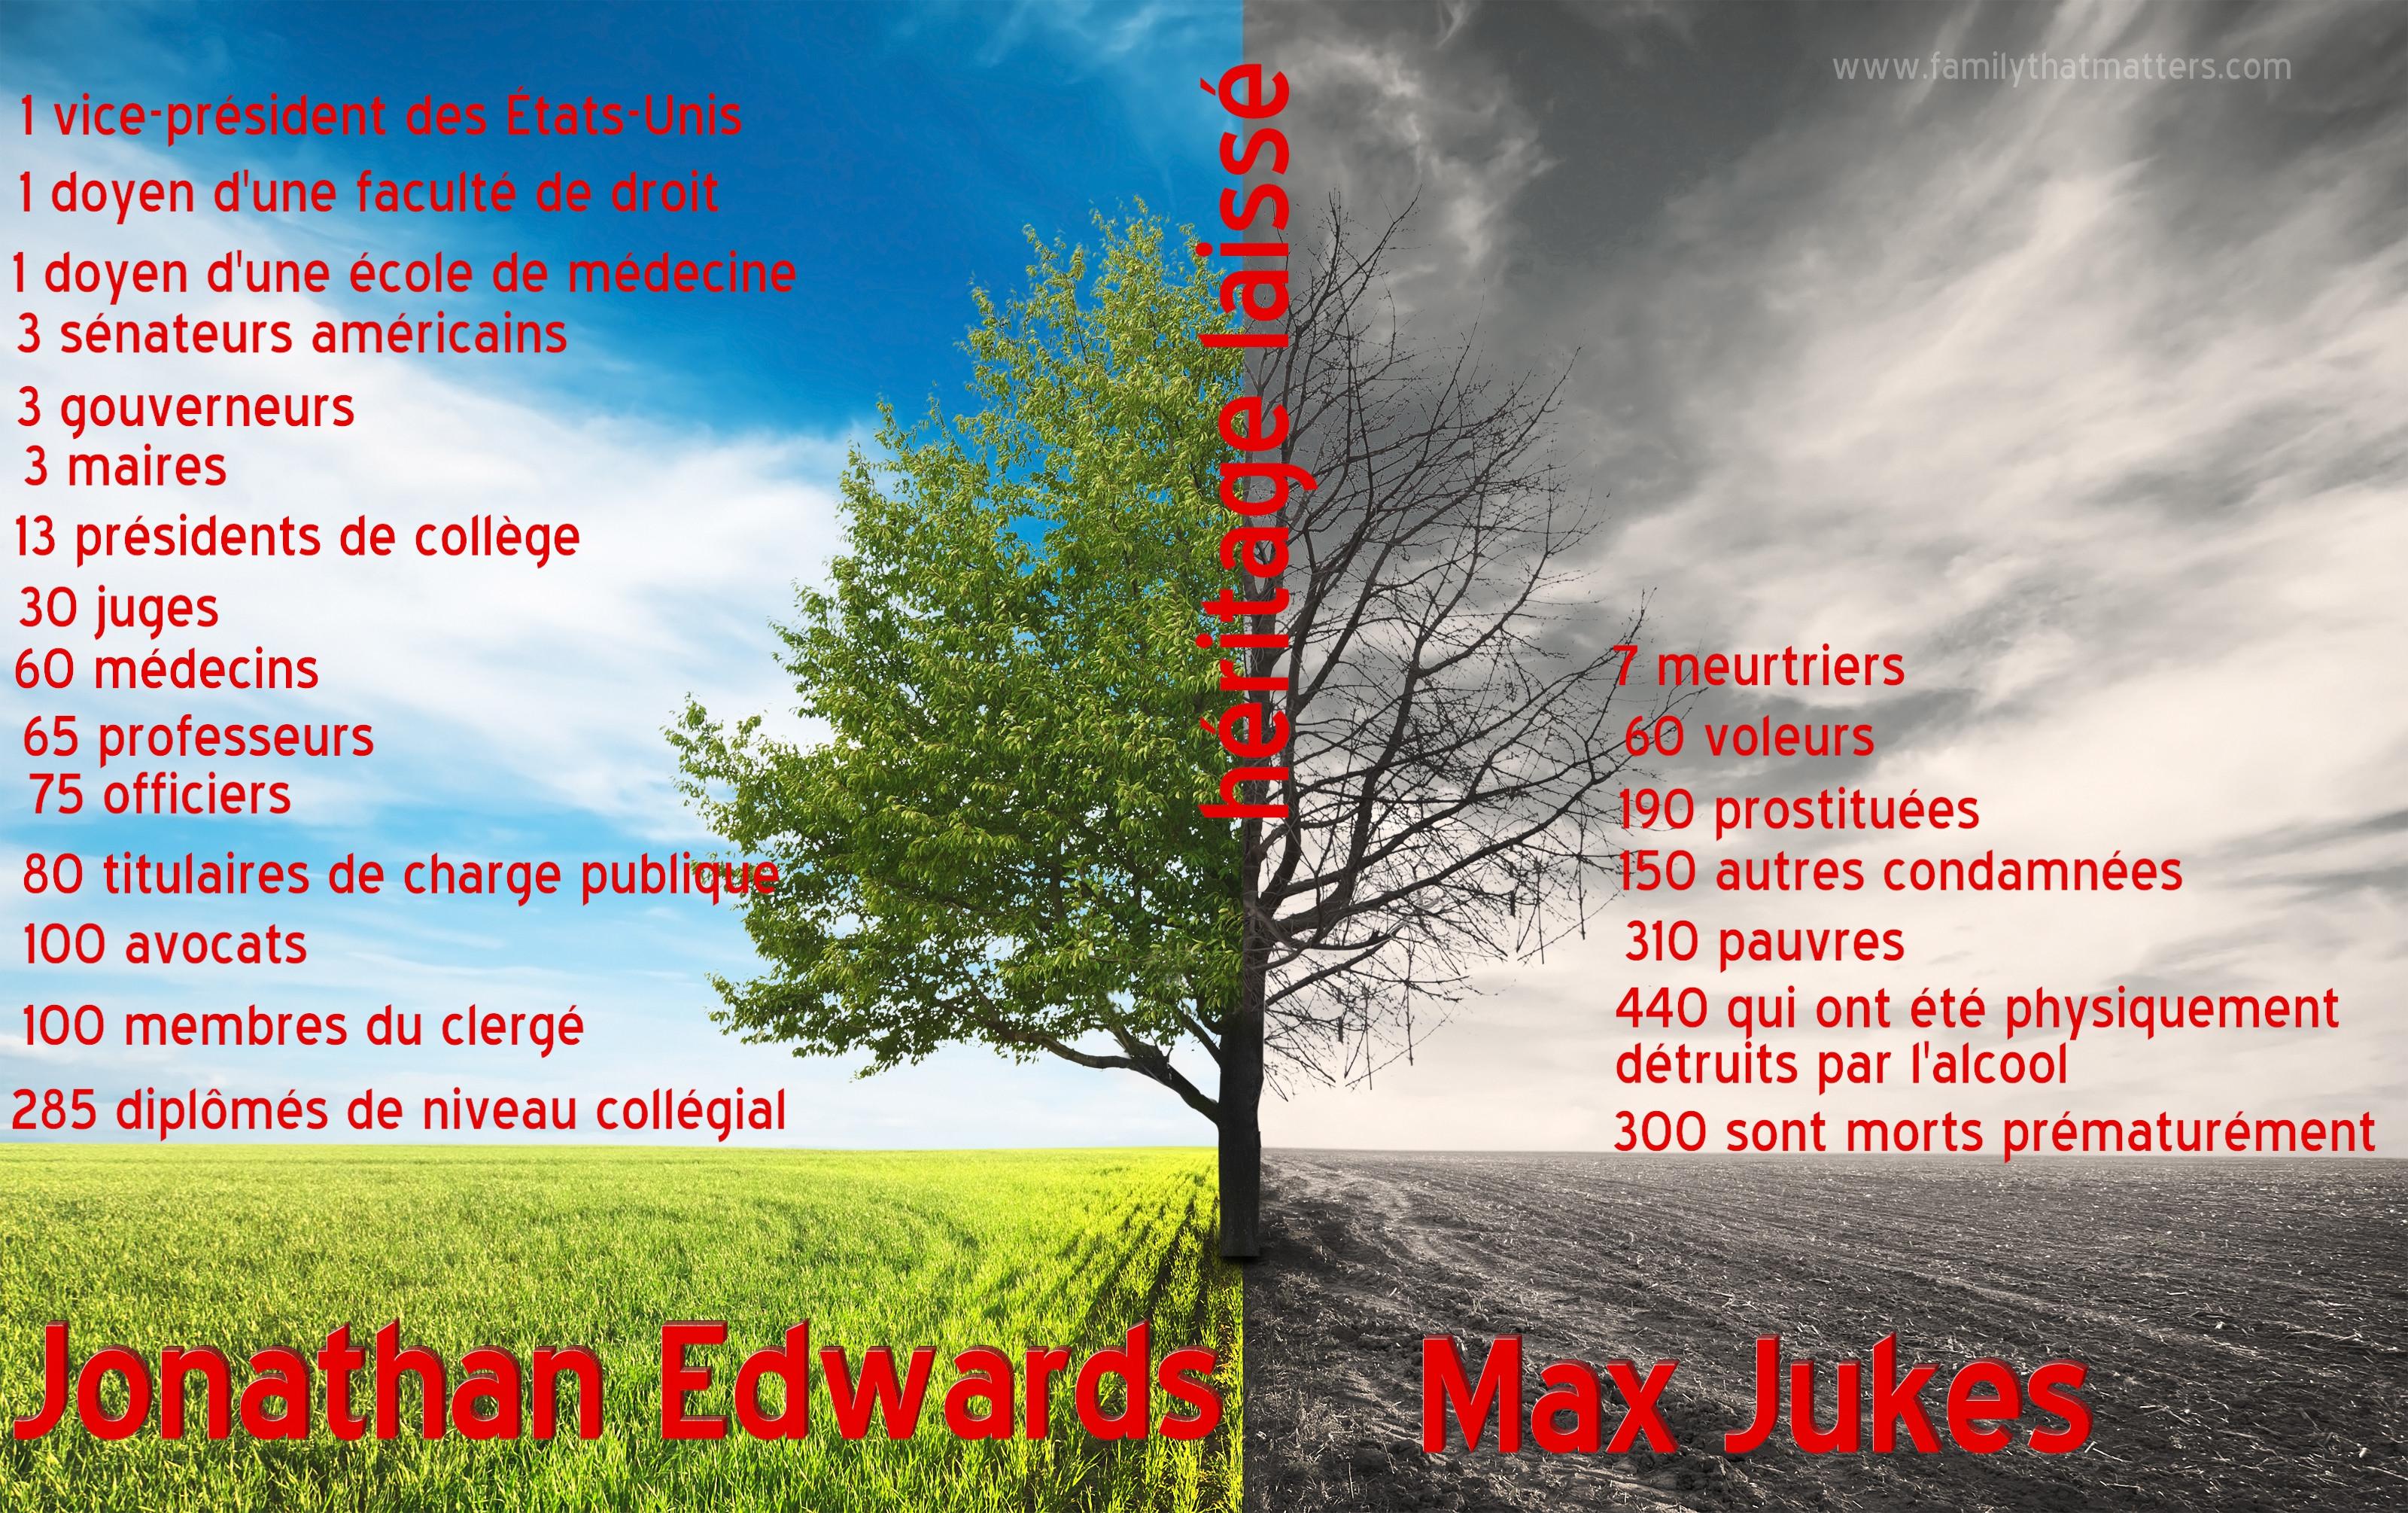 L'héritage de plusieurs générations – L'histoire de Jonathan Edwards